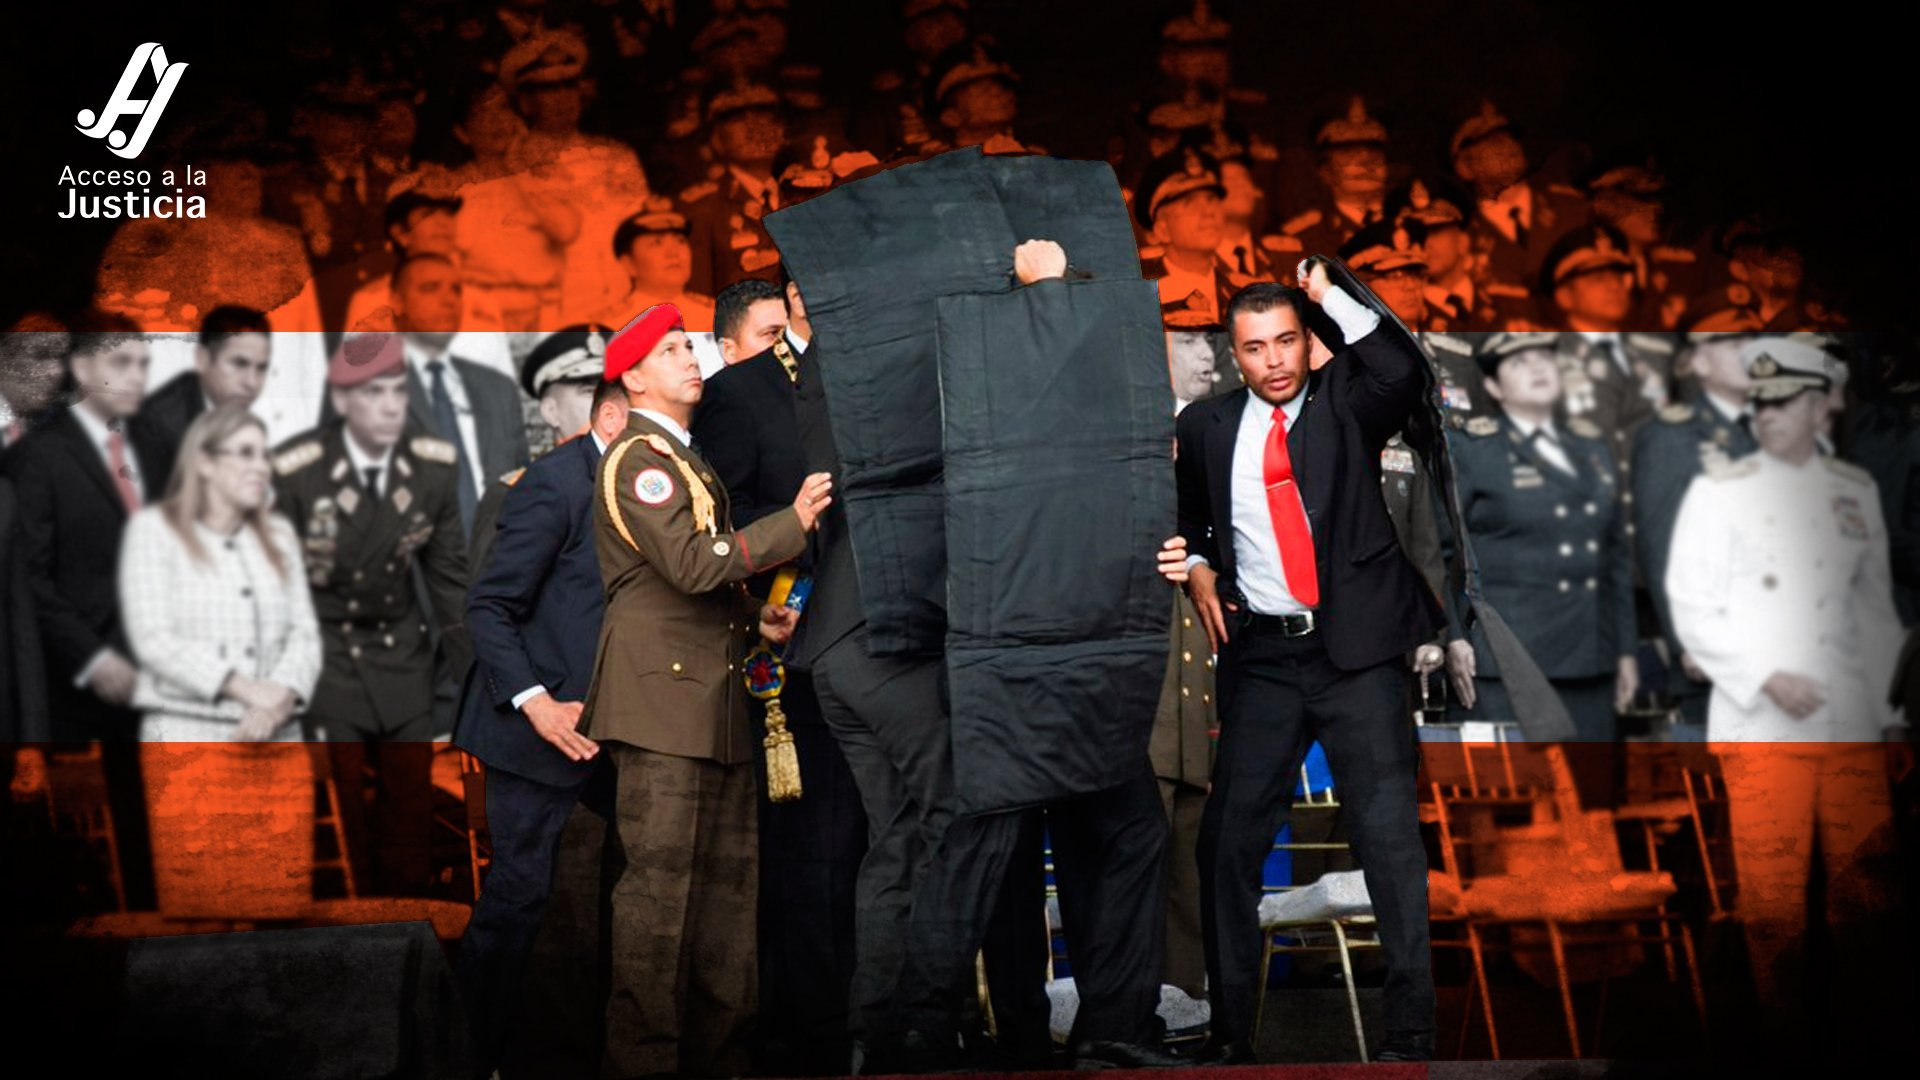 Solicitud de extradición de presunto implicado en el atentado contra Maduro